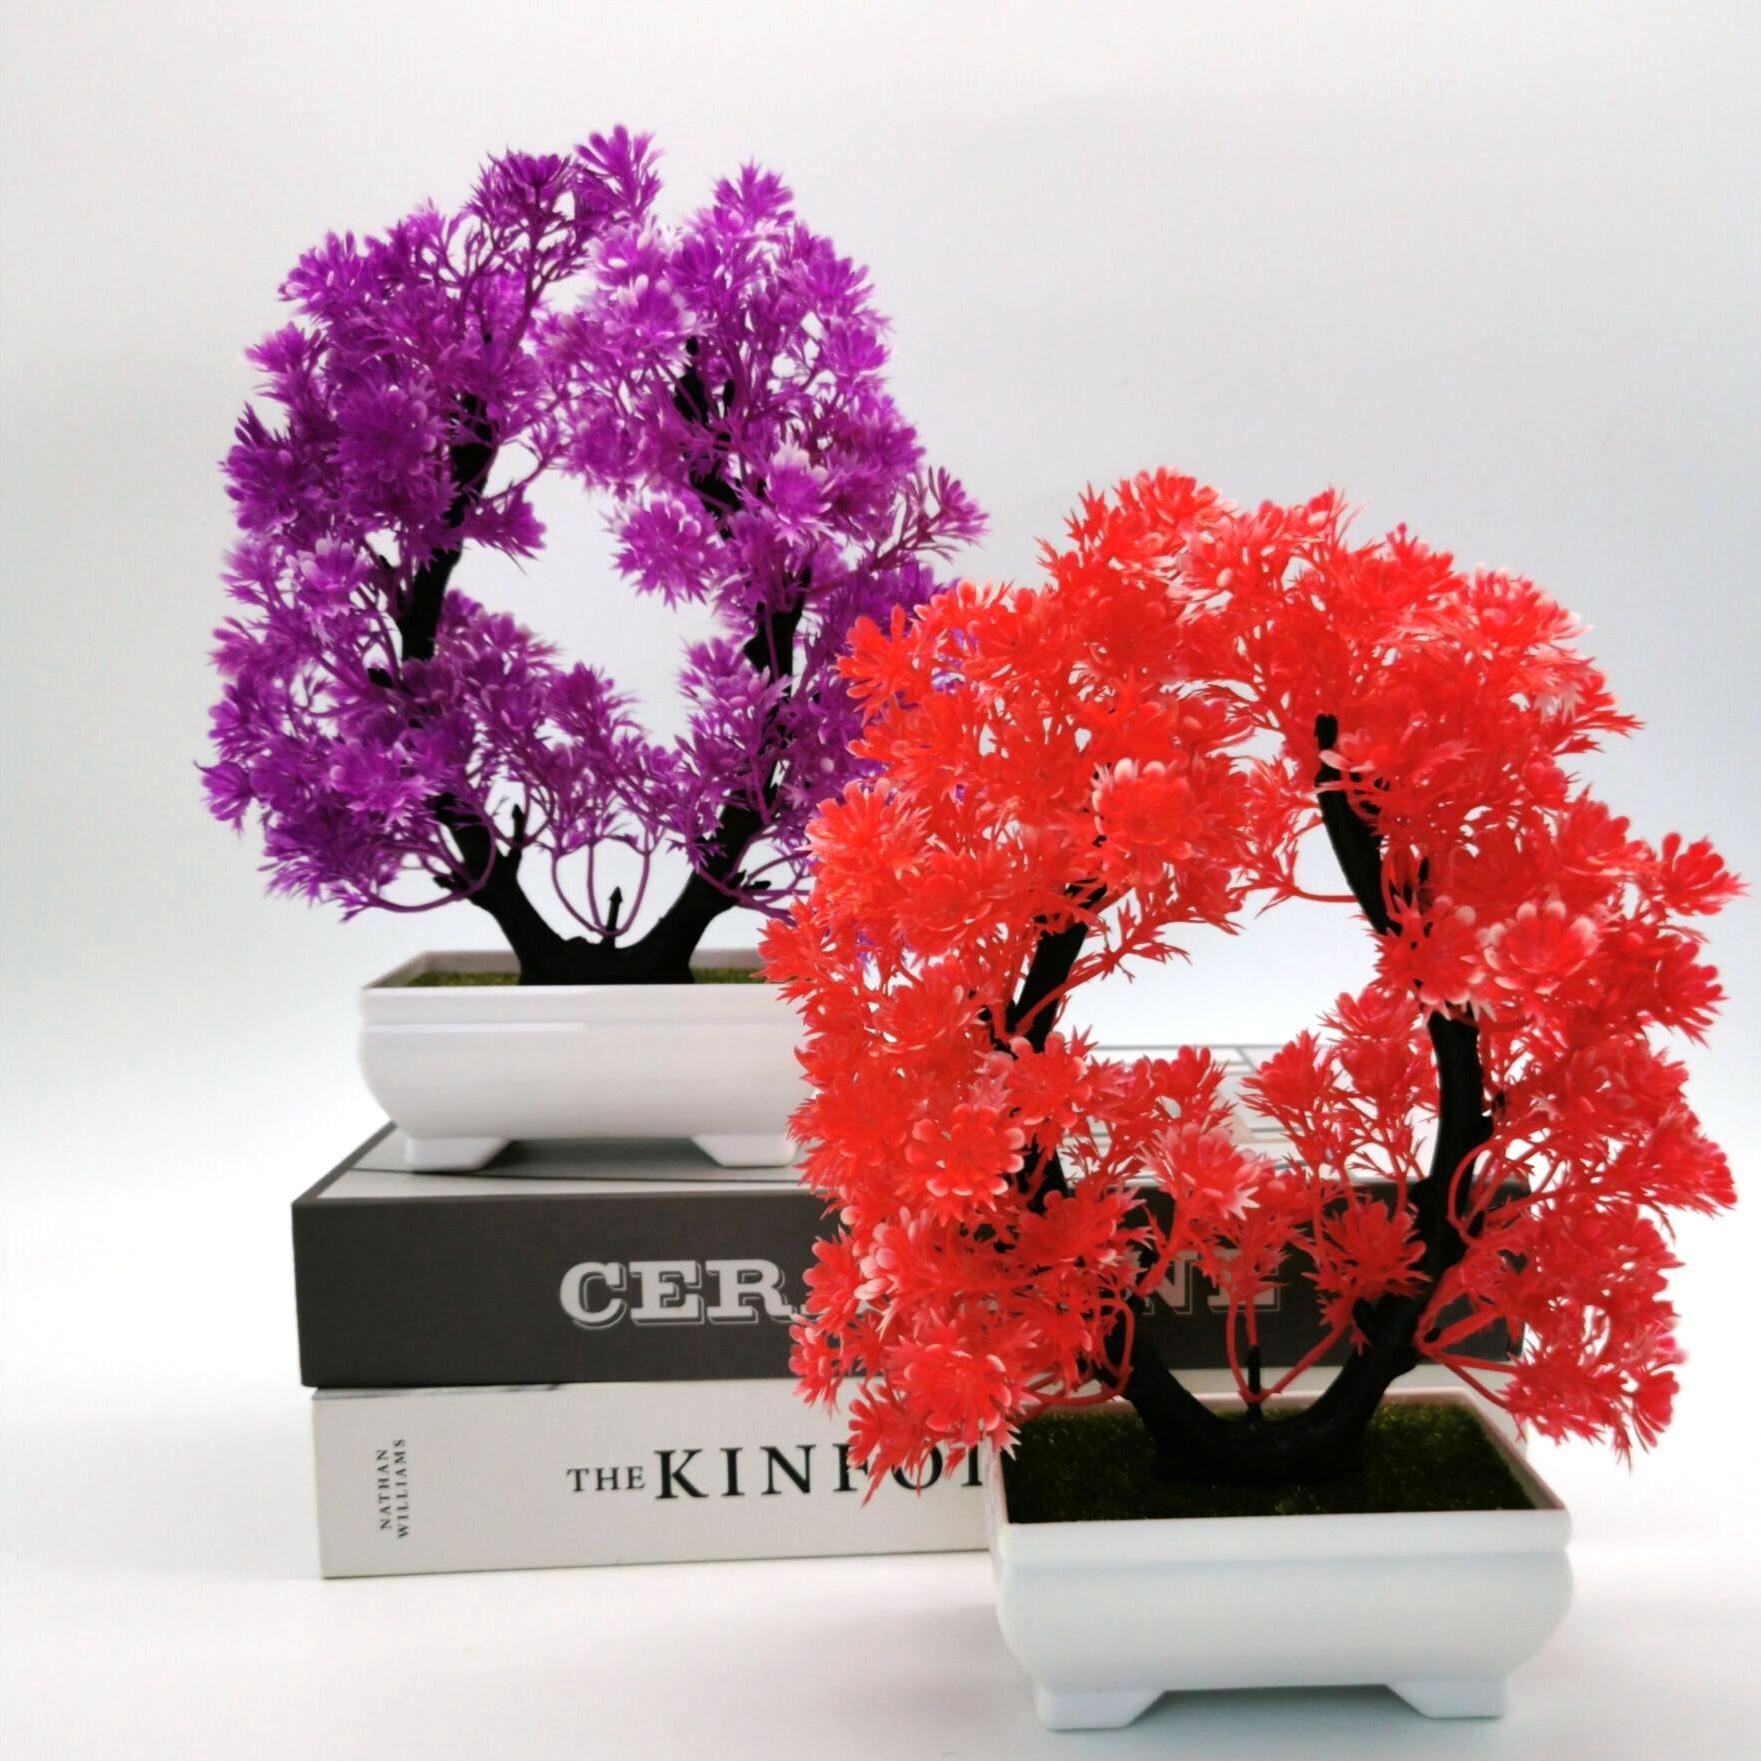 批发仿真盆景盆栽塑料u型雅菊盆栽绿植创意桌面摆件室内装饰摆设